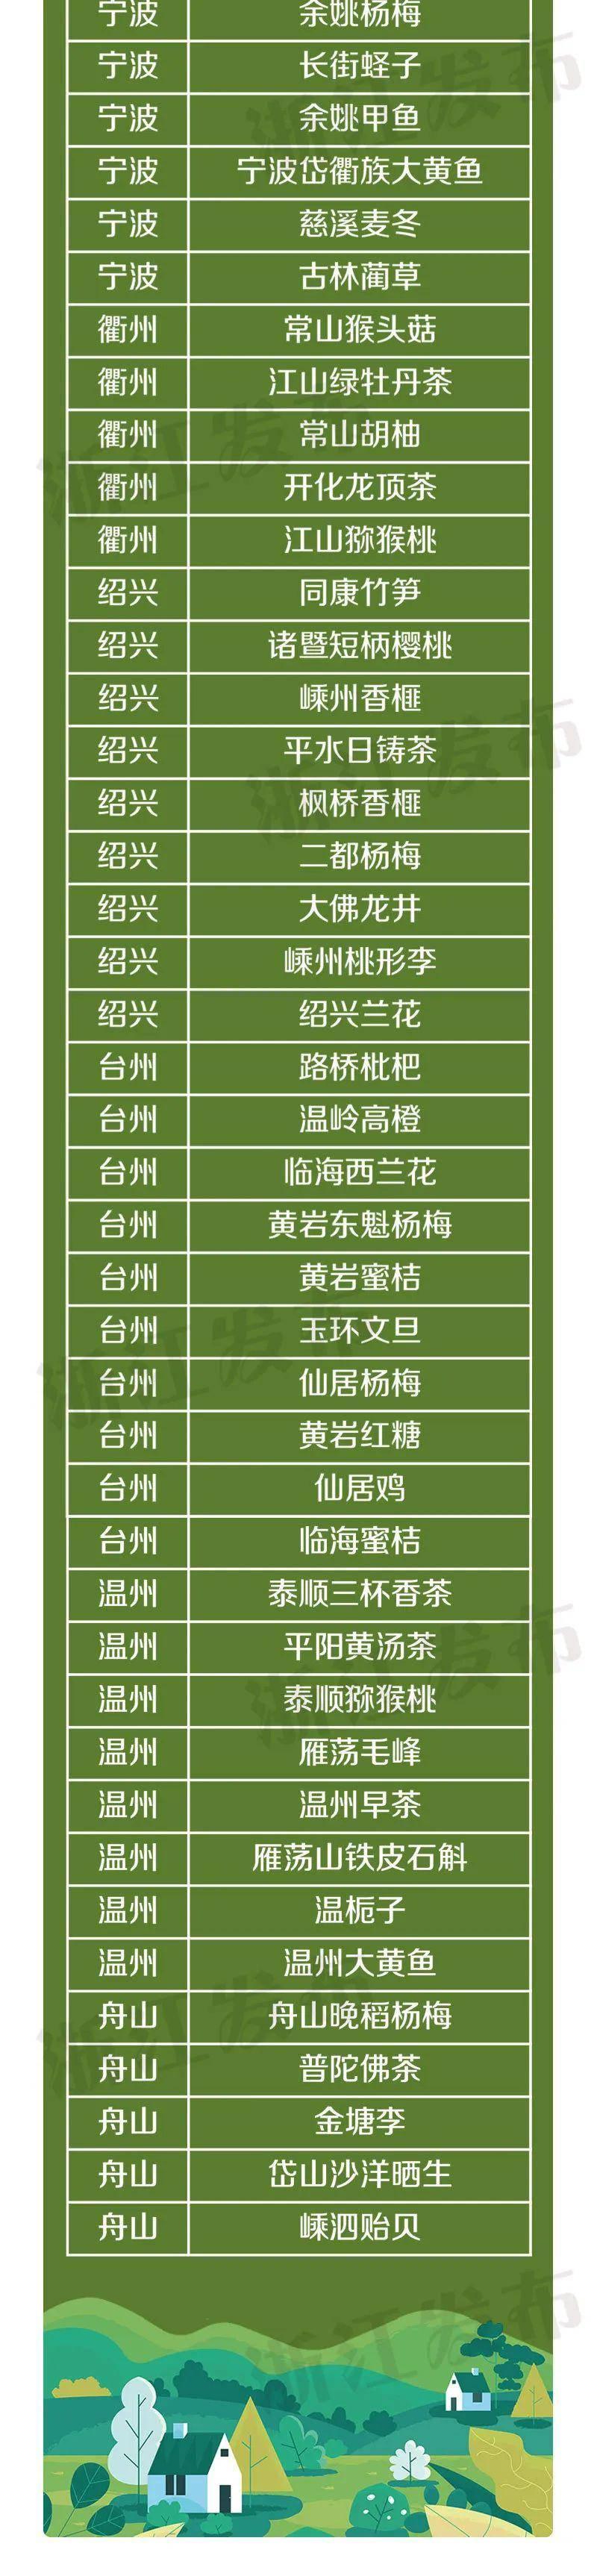 浙江省115个国家农产品地理标志3